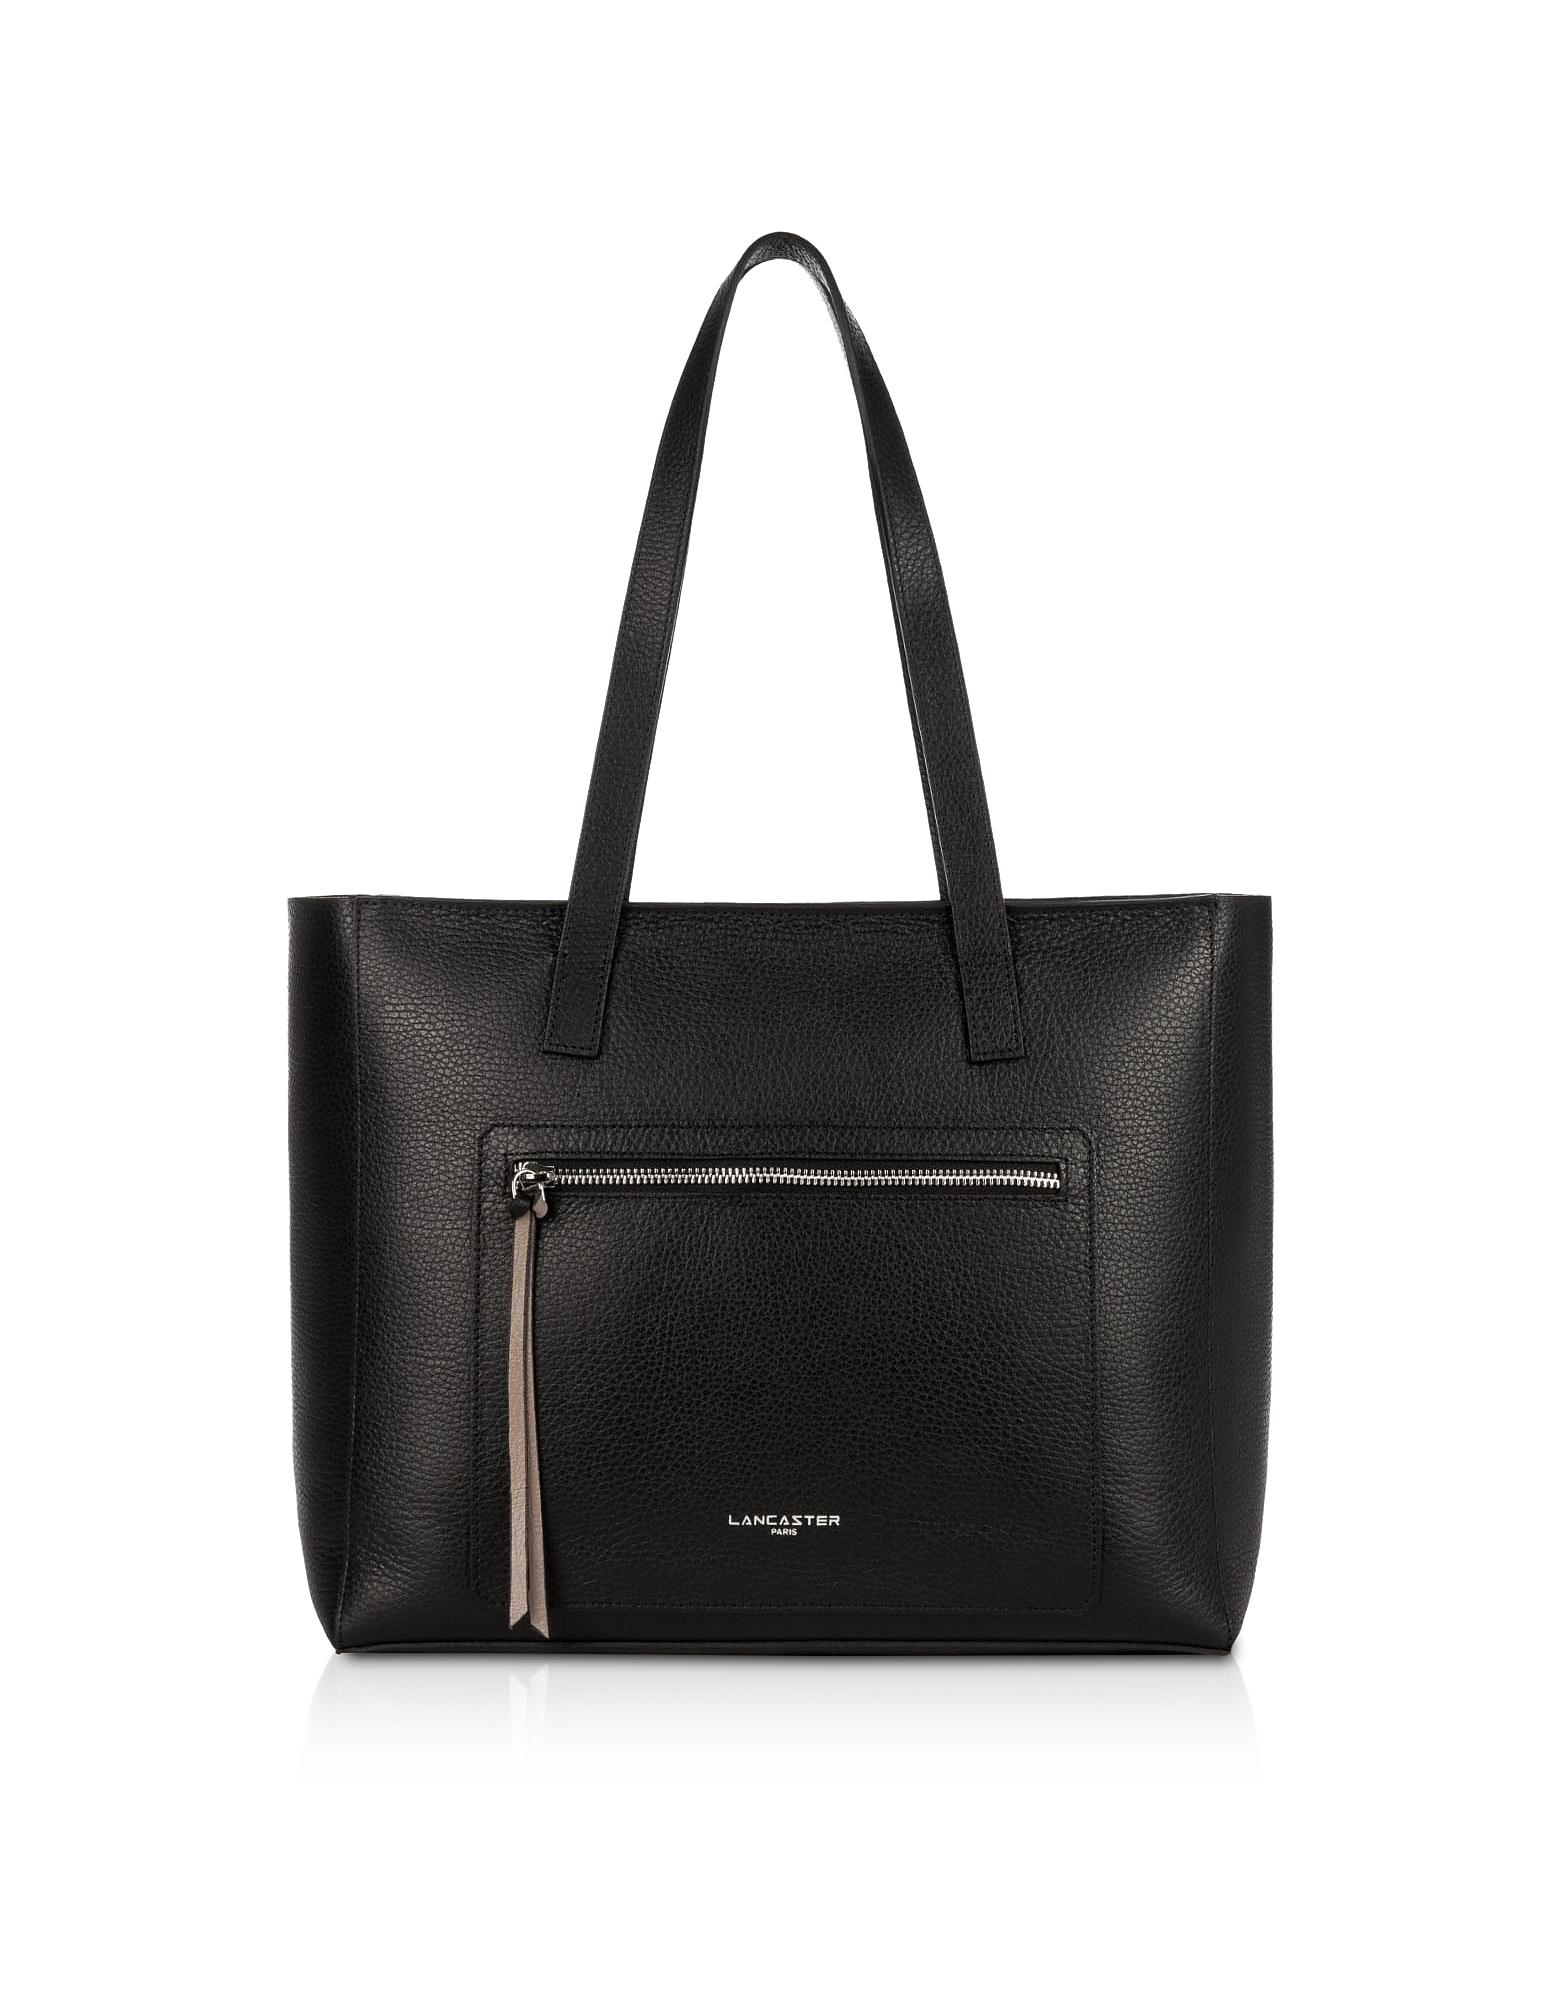 Lancaster Paris Designer Handbags, Foulonne Double Leather Tote Bag